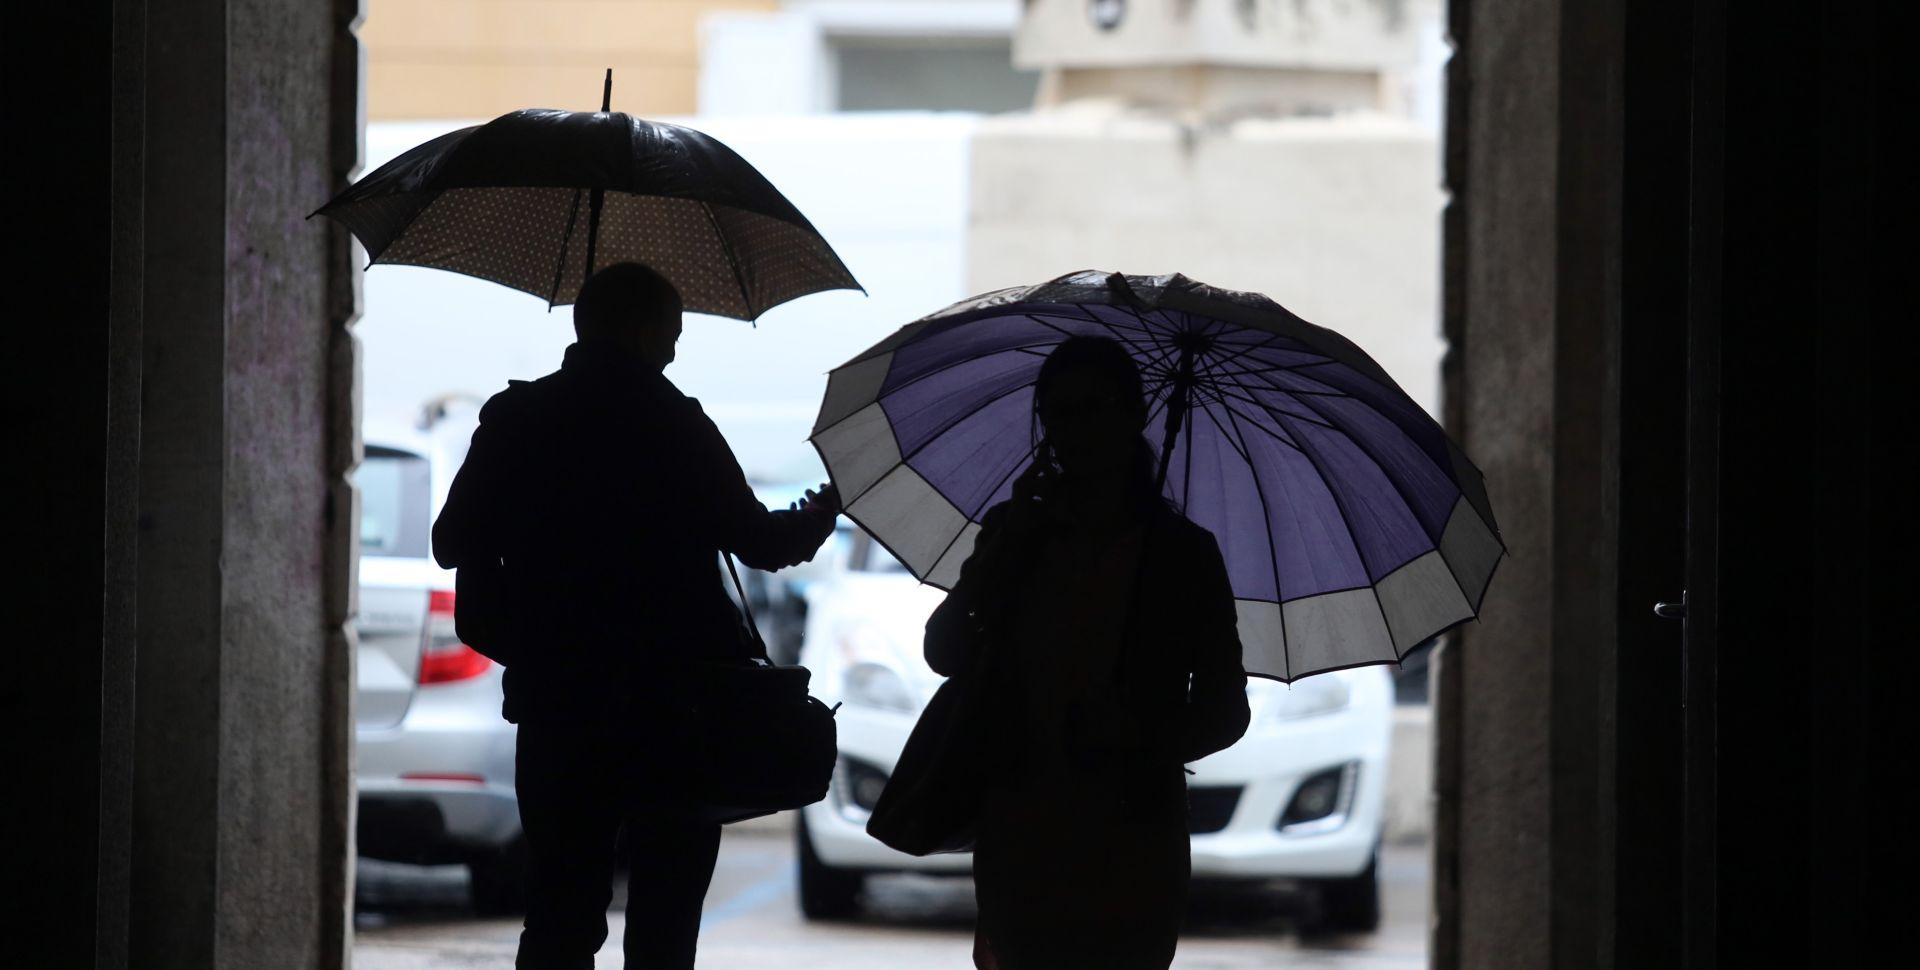 VRIJEME: Na Jadranu mjestimice kiša, u unutrašnjosti dulja sunčana razdoblja